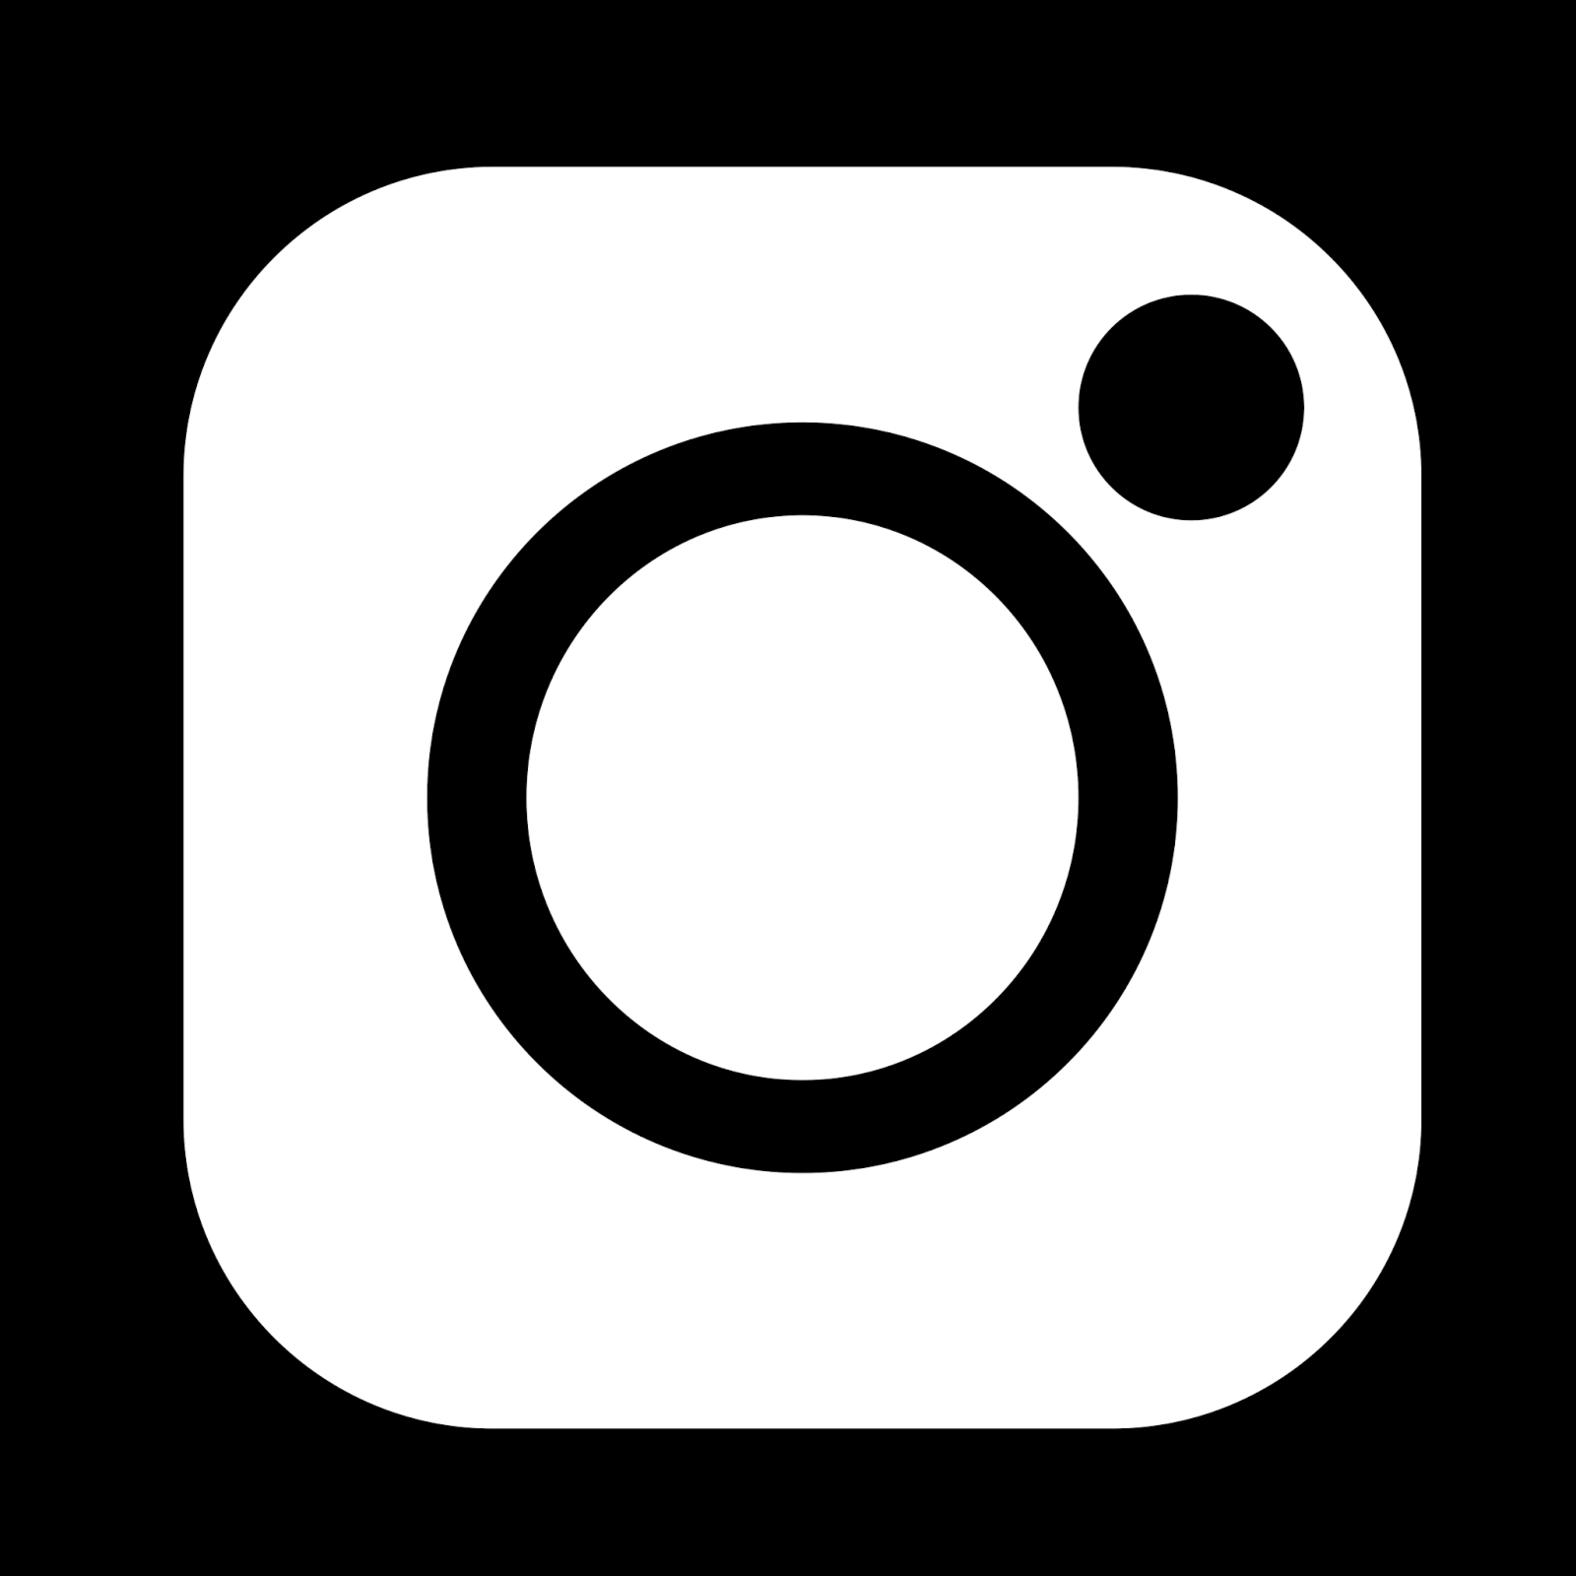 Instagram-logo-black-borders-png-transparent-background